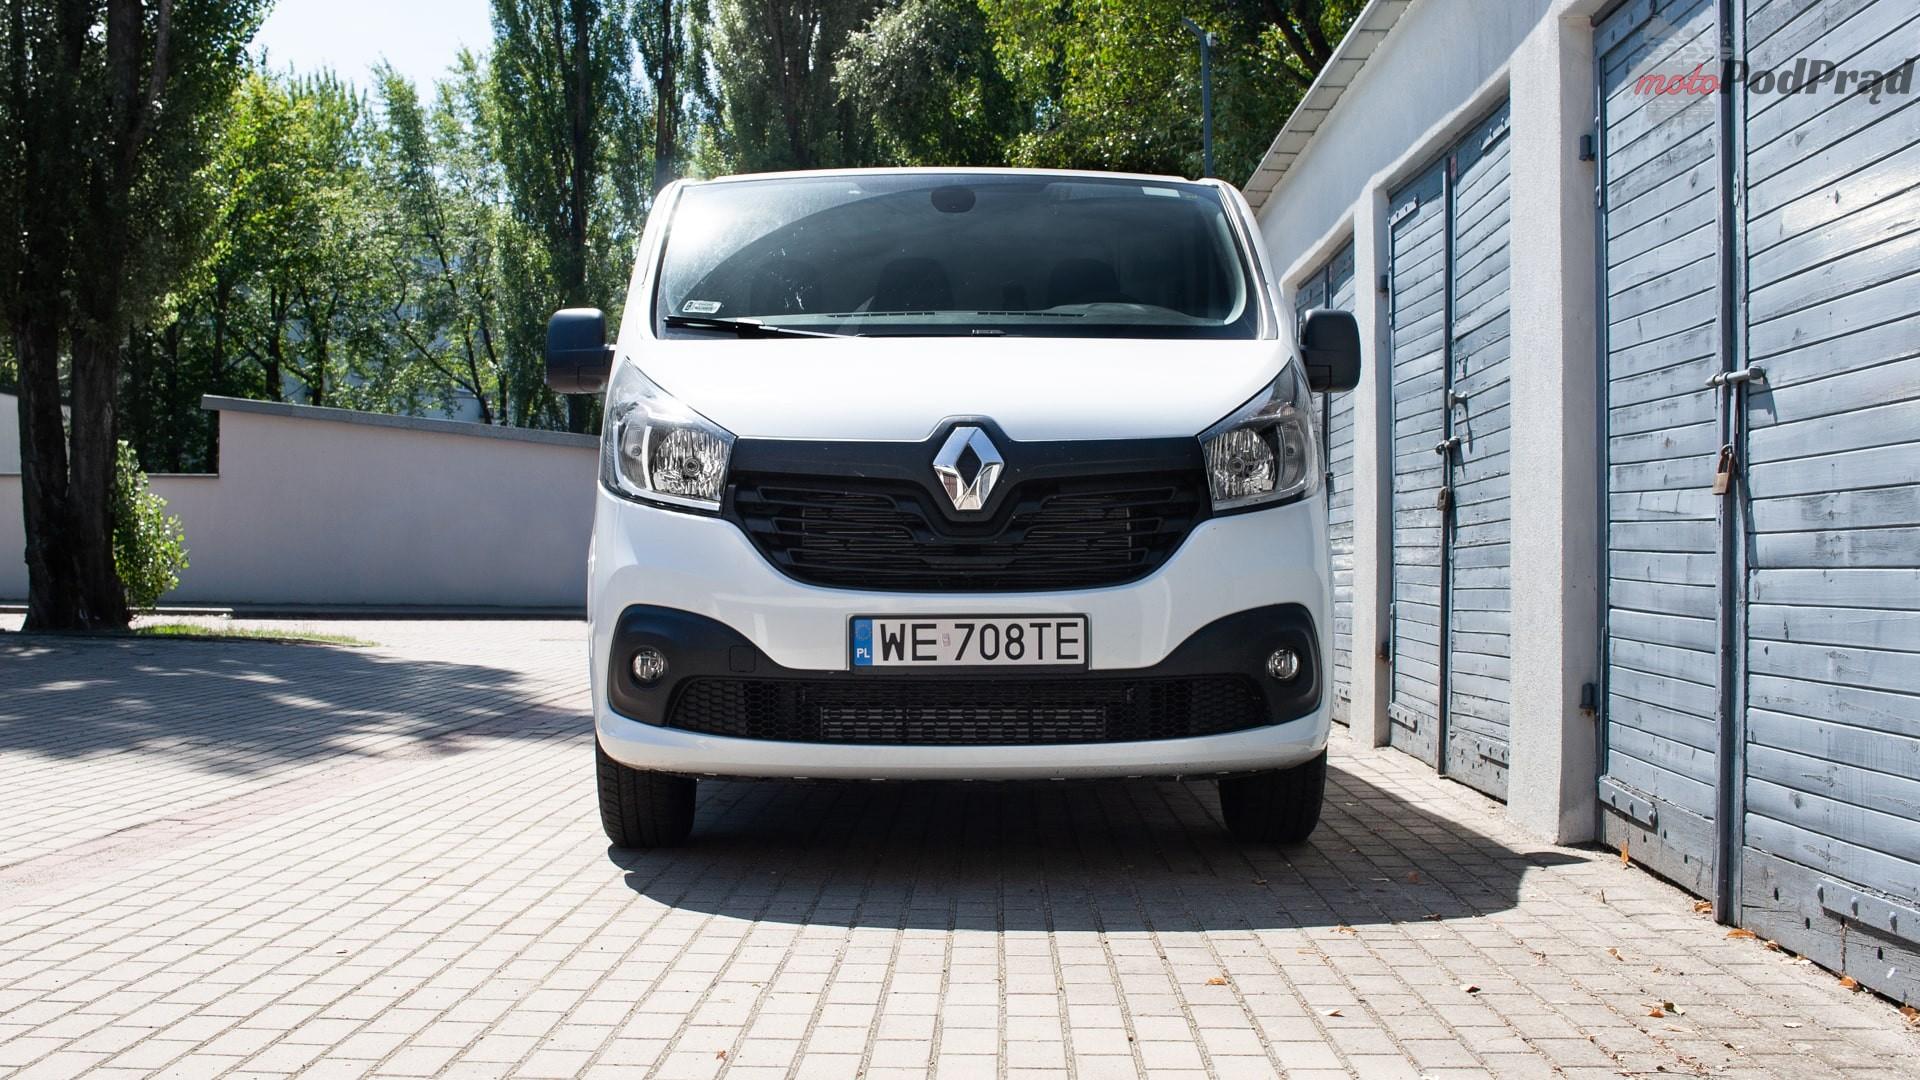 renault trafic 17 Test: Renault Trafic furgon z zabudową Renault Tech – mobilny serwis